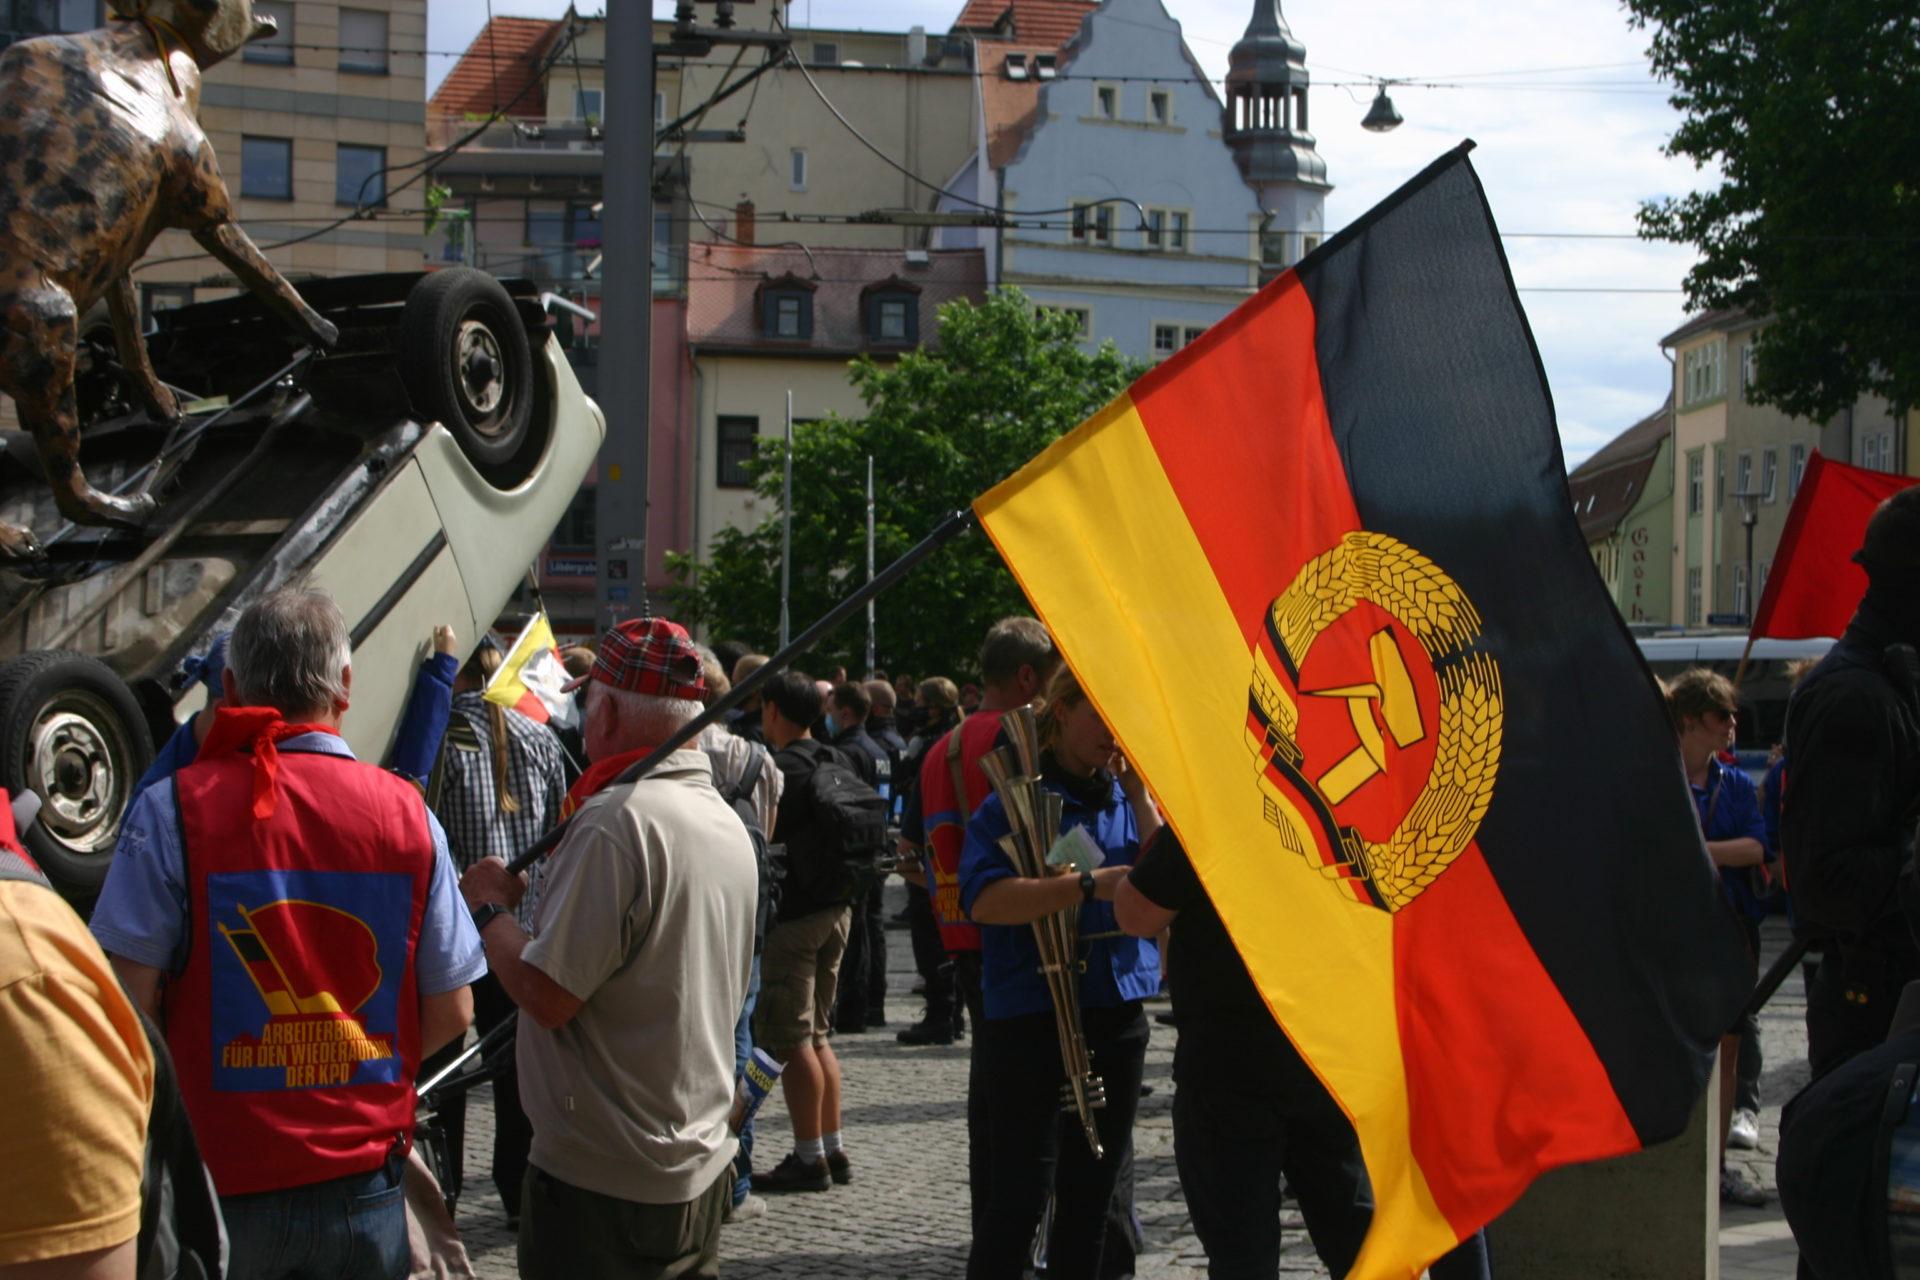 FDJ demonstriert – Jena reagiert: Blockaden, Gegenproteste, körperliche Auseinandersetzungen,  Verletzte